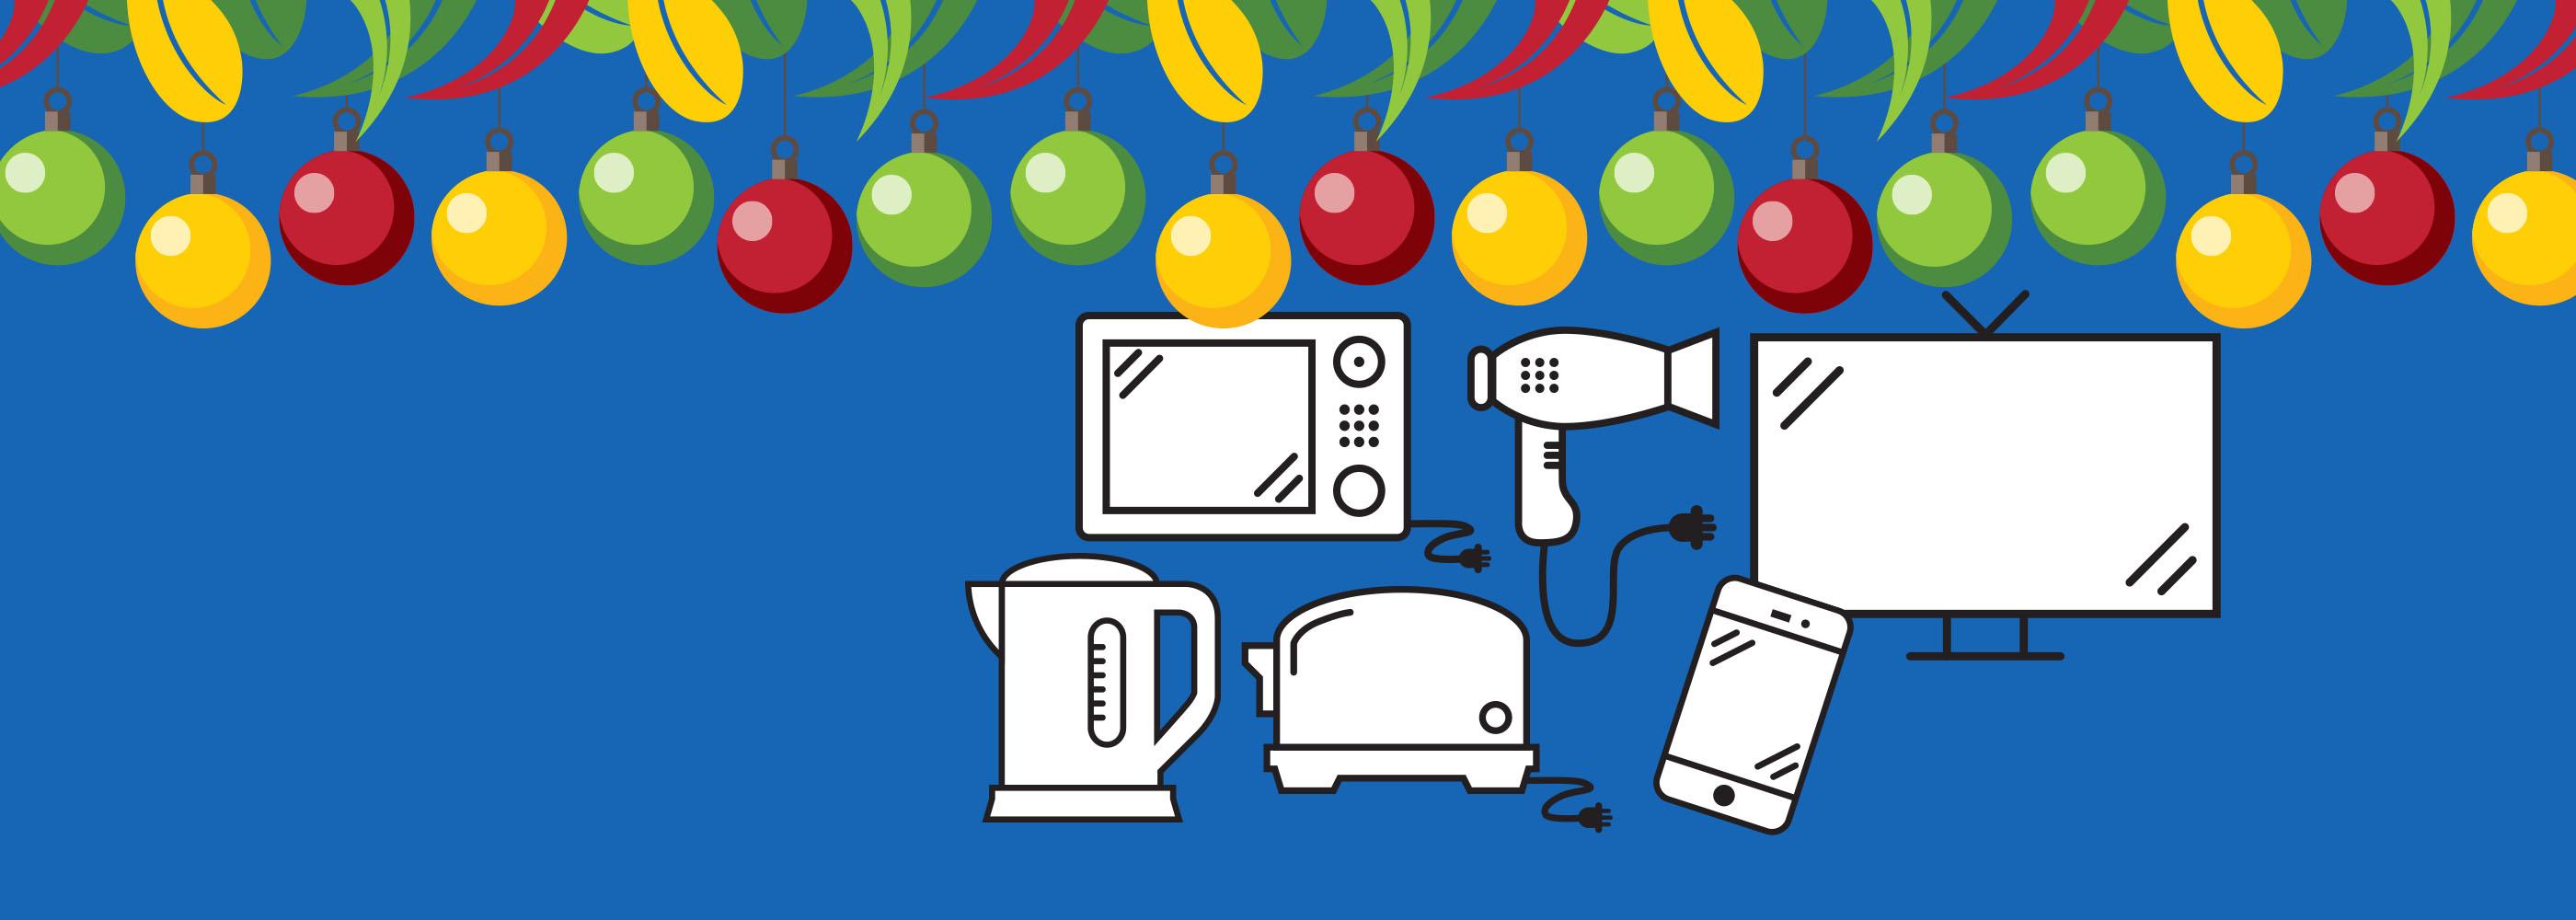 NAWMA Festive Season Tips - E-waste